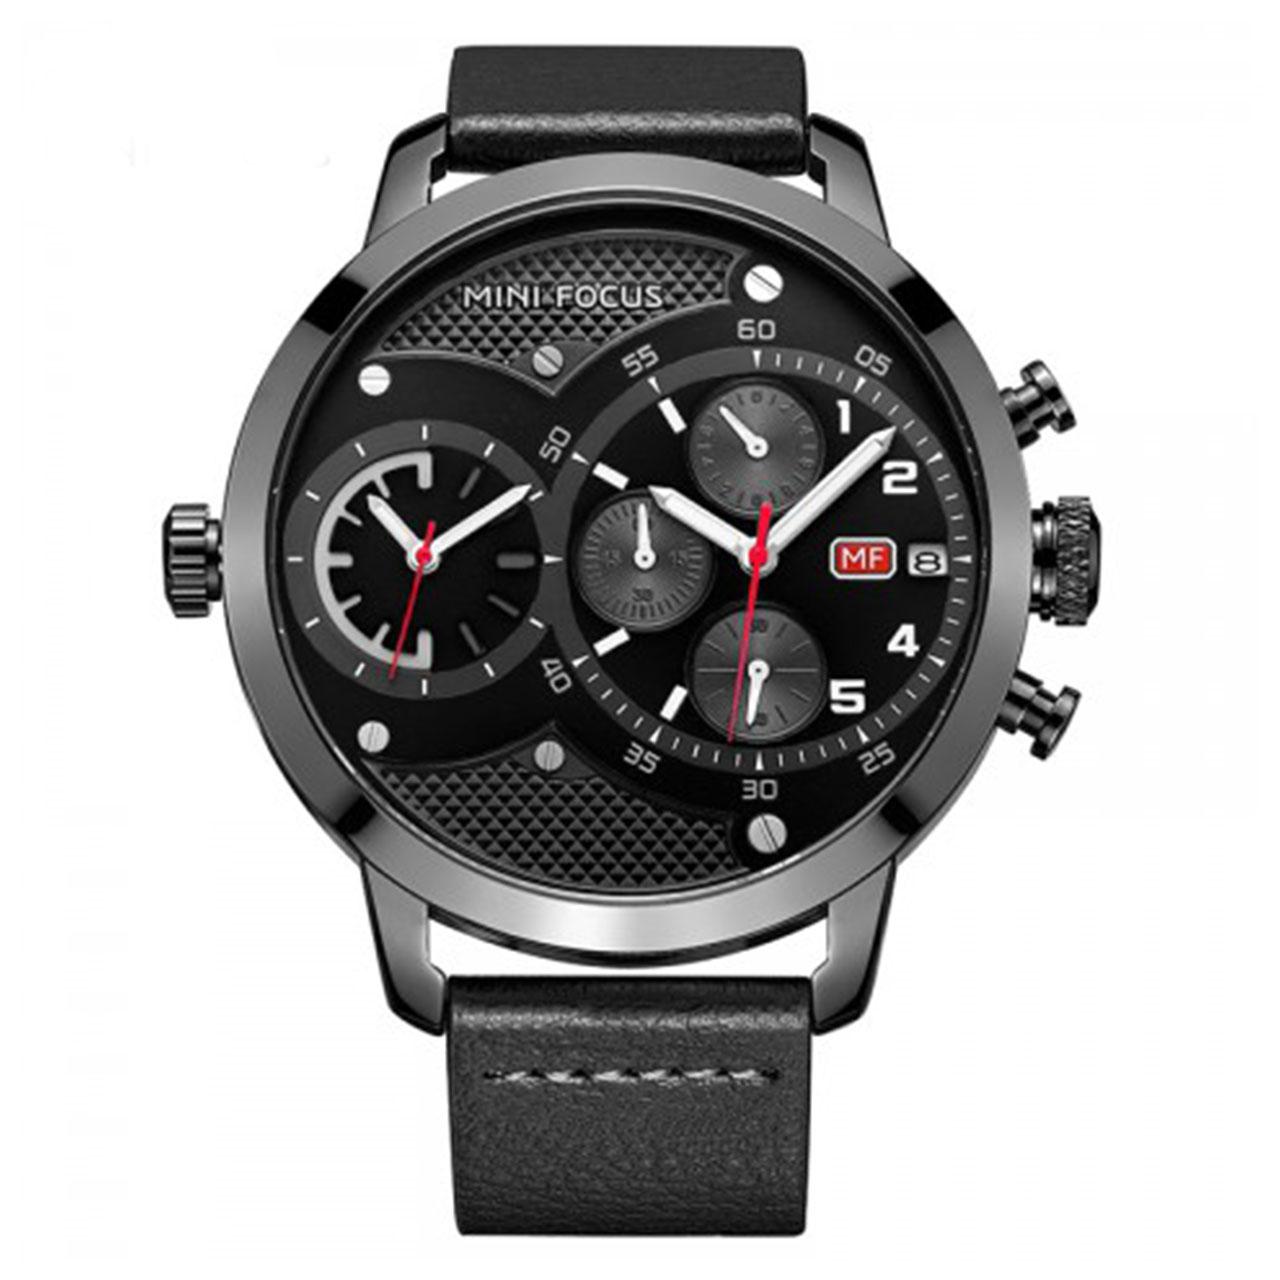 ساعت مچی عقربه ای مردانه مینی فوکوس مدل MF0019G